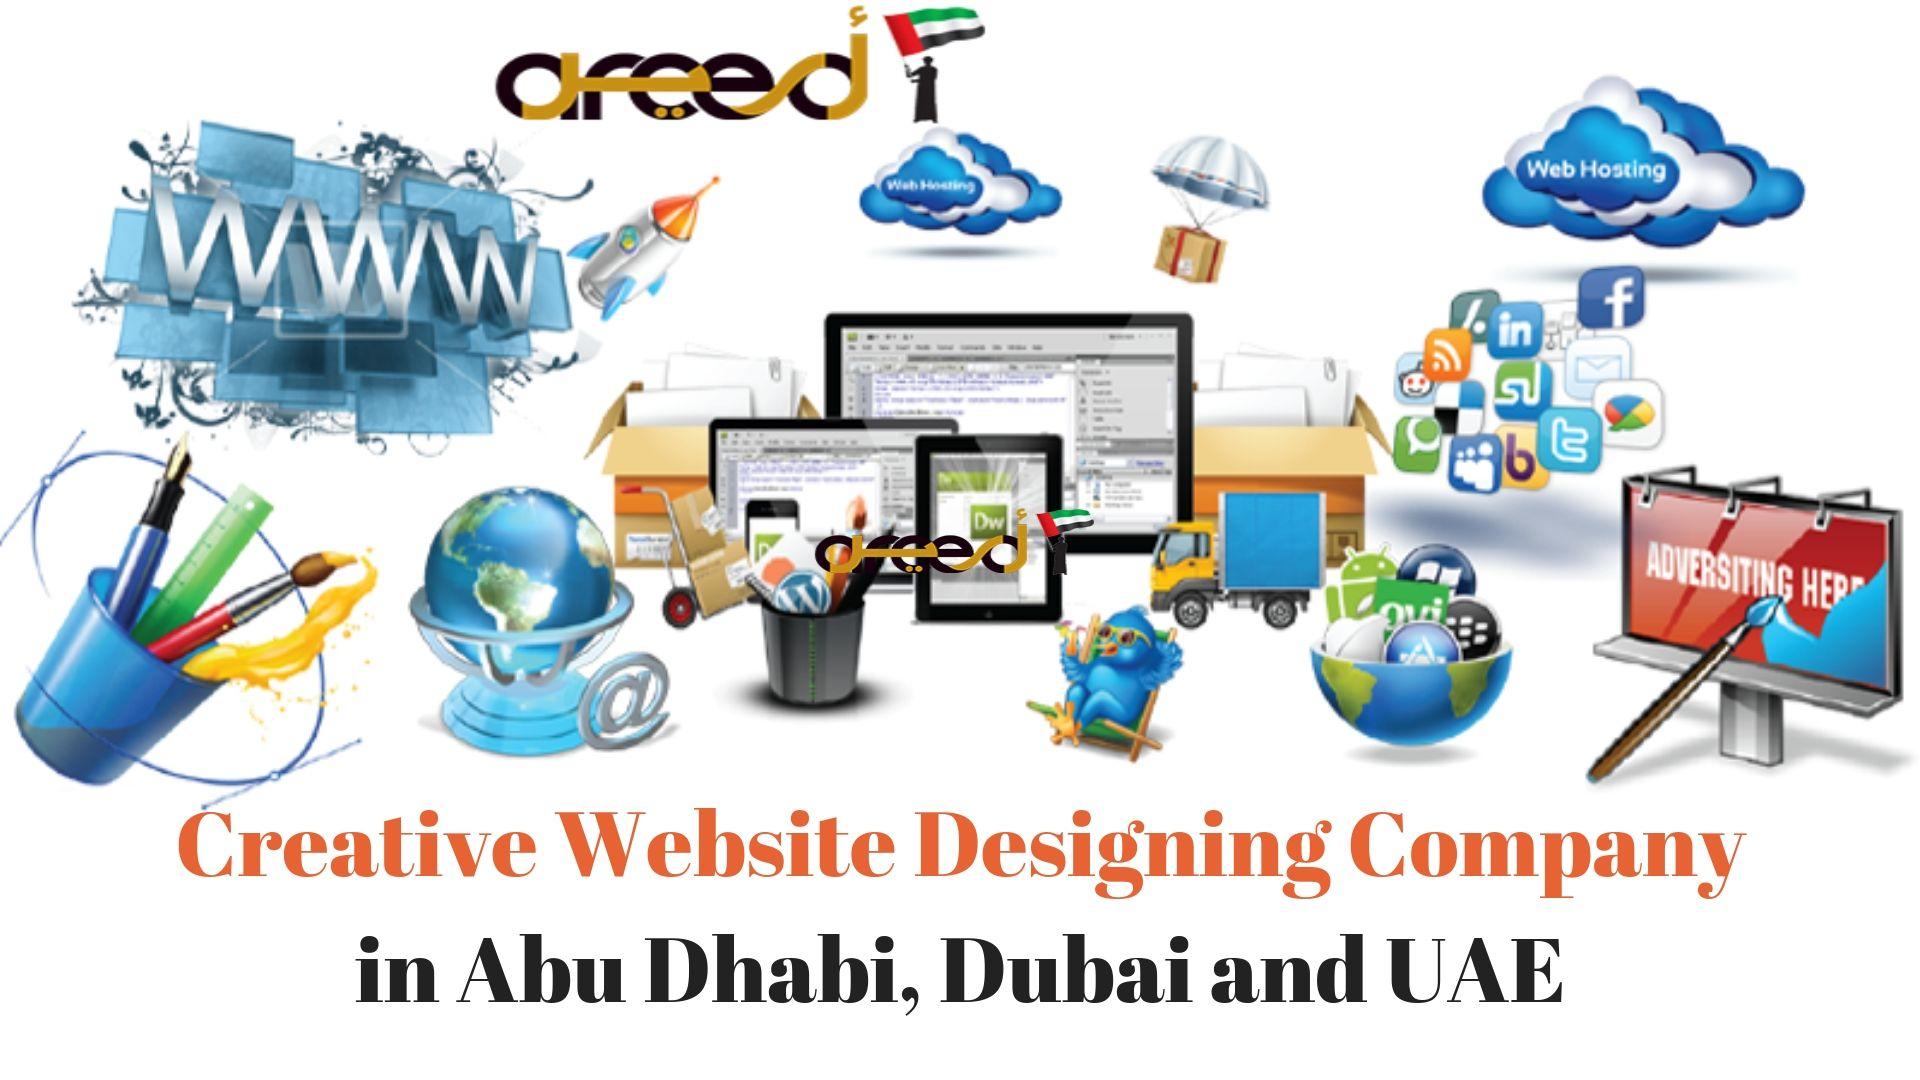 Top Web Design Company in Abu Dhabi, Dubai and UAE - Areed ...